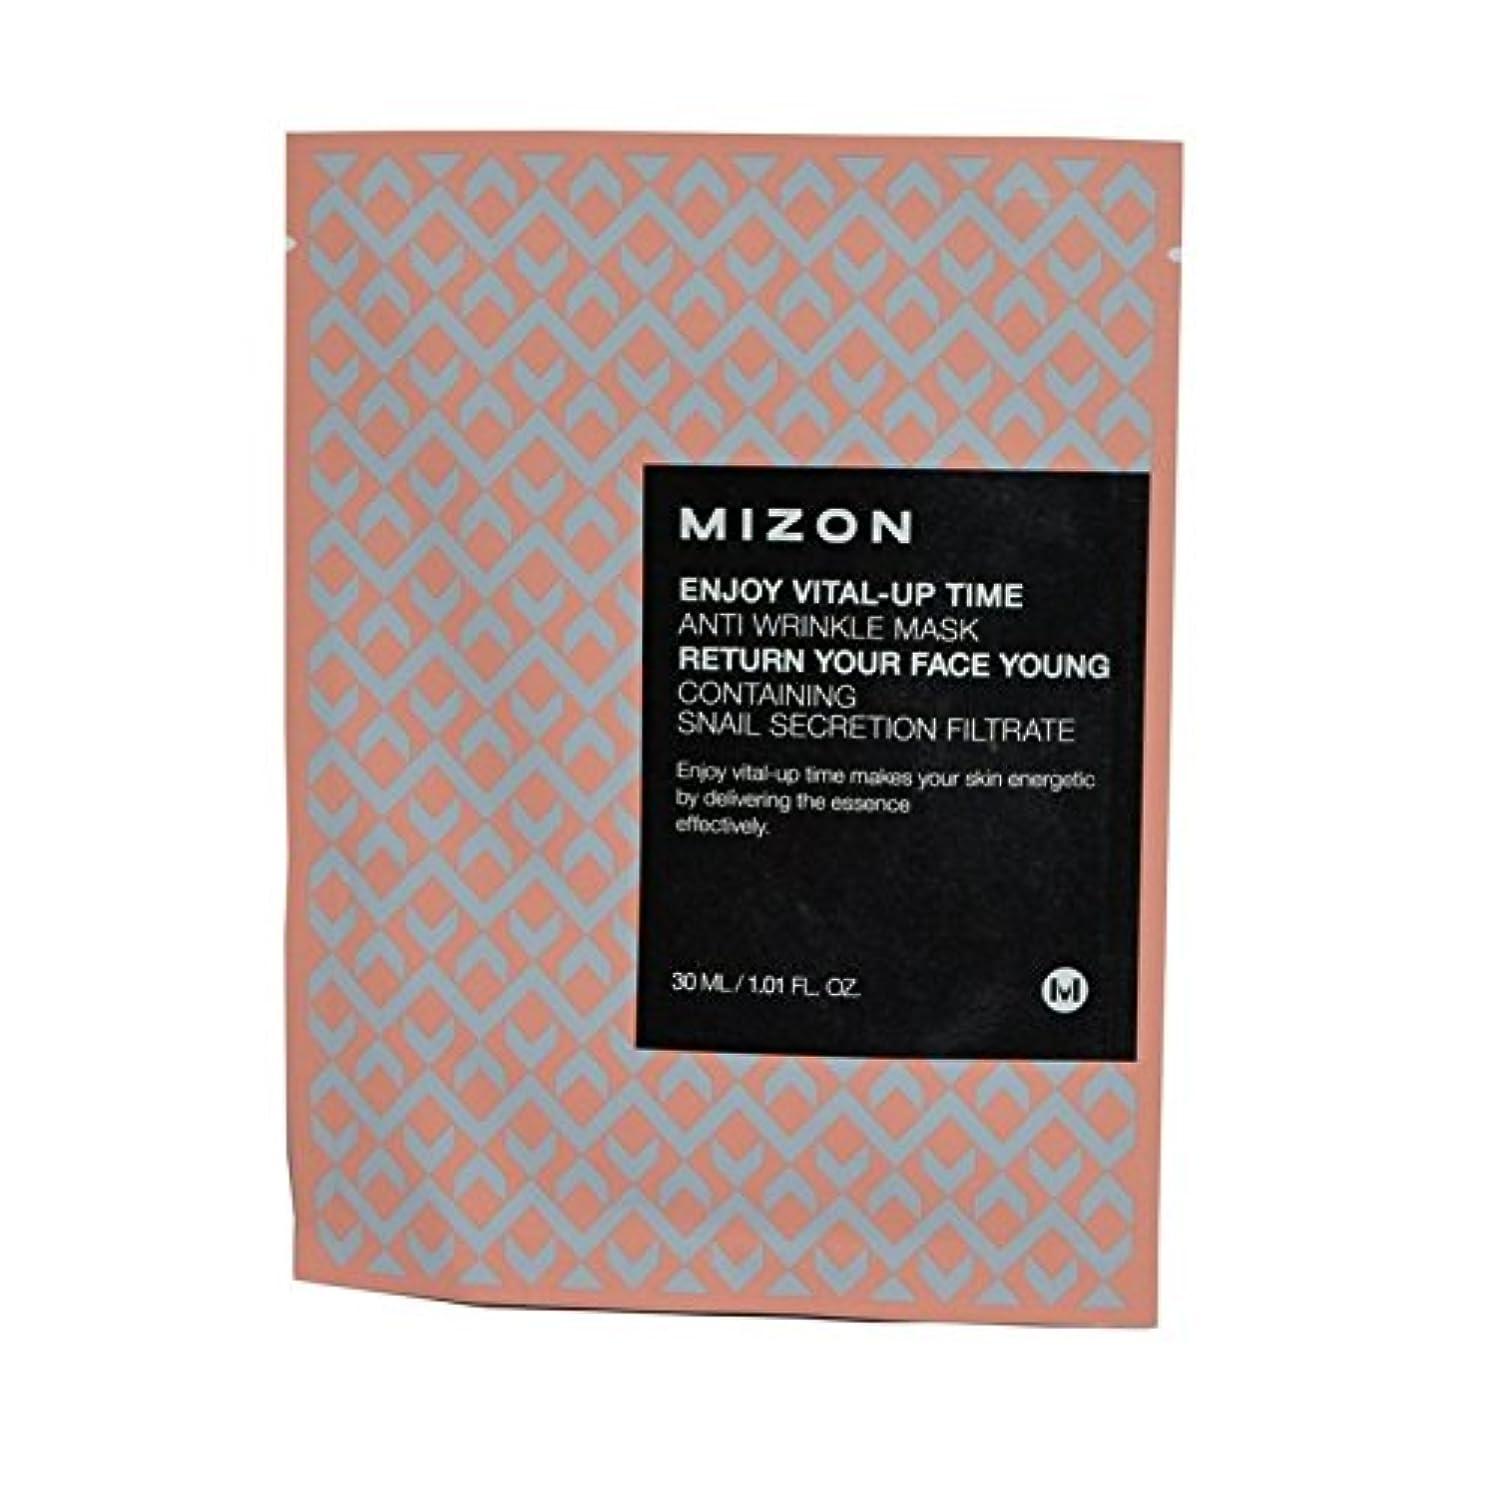 ライバル預言者エラーが不可欠アップ時間抗しわマスクを楽しみます x4 - Mizon Enjoy Vital Up Time Anti-Wrinkle Mask (Pack of 4) [並行輸入品]